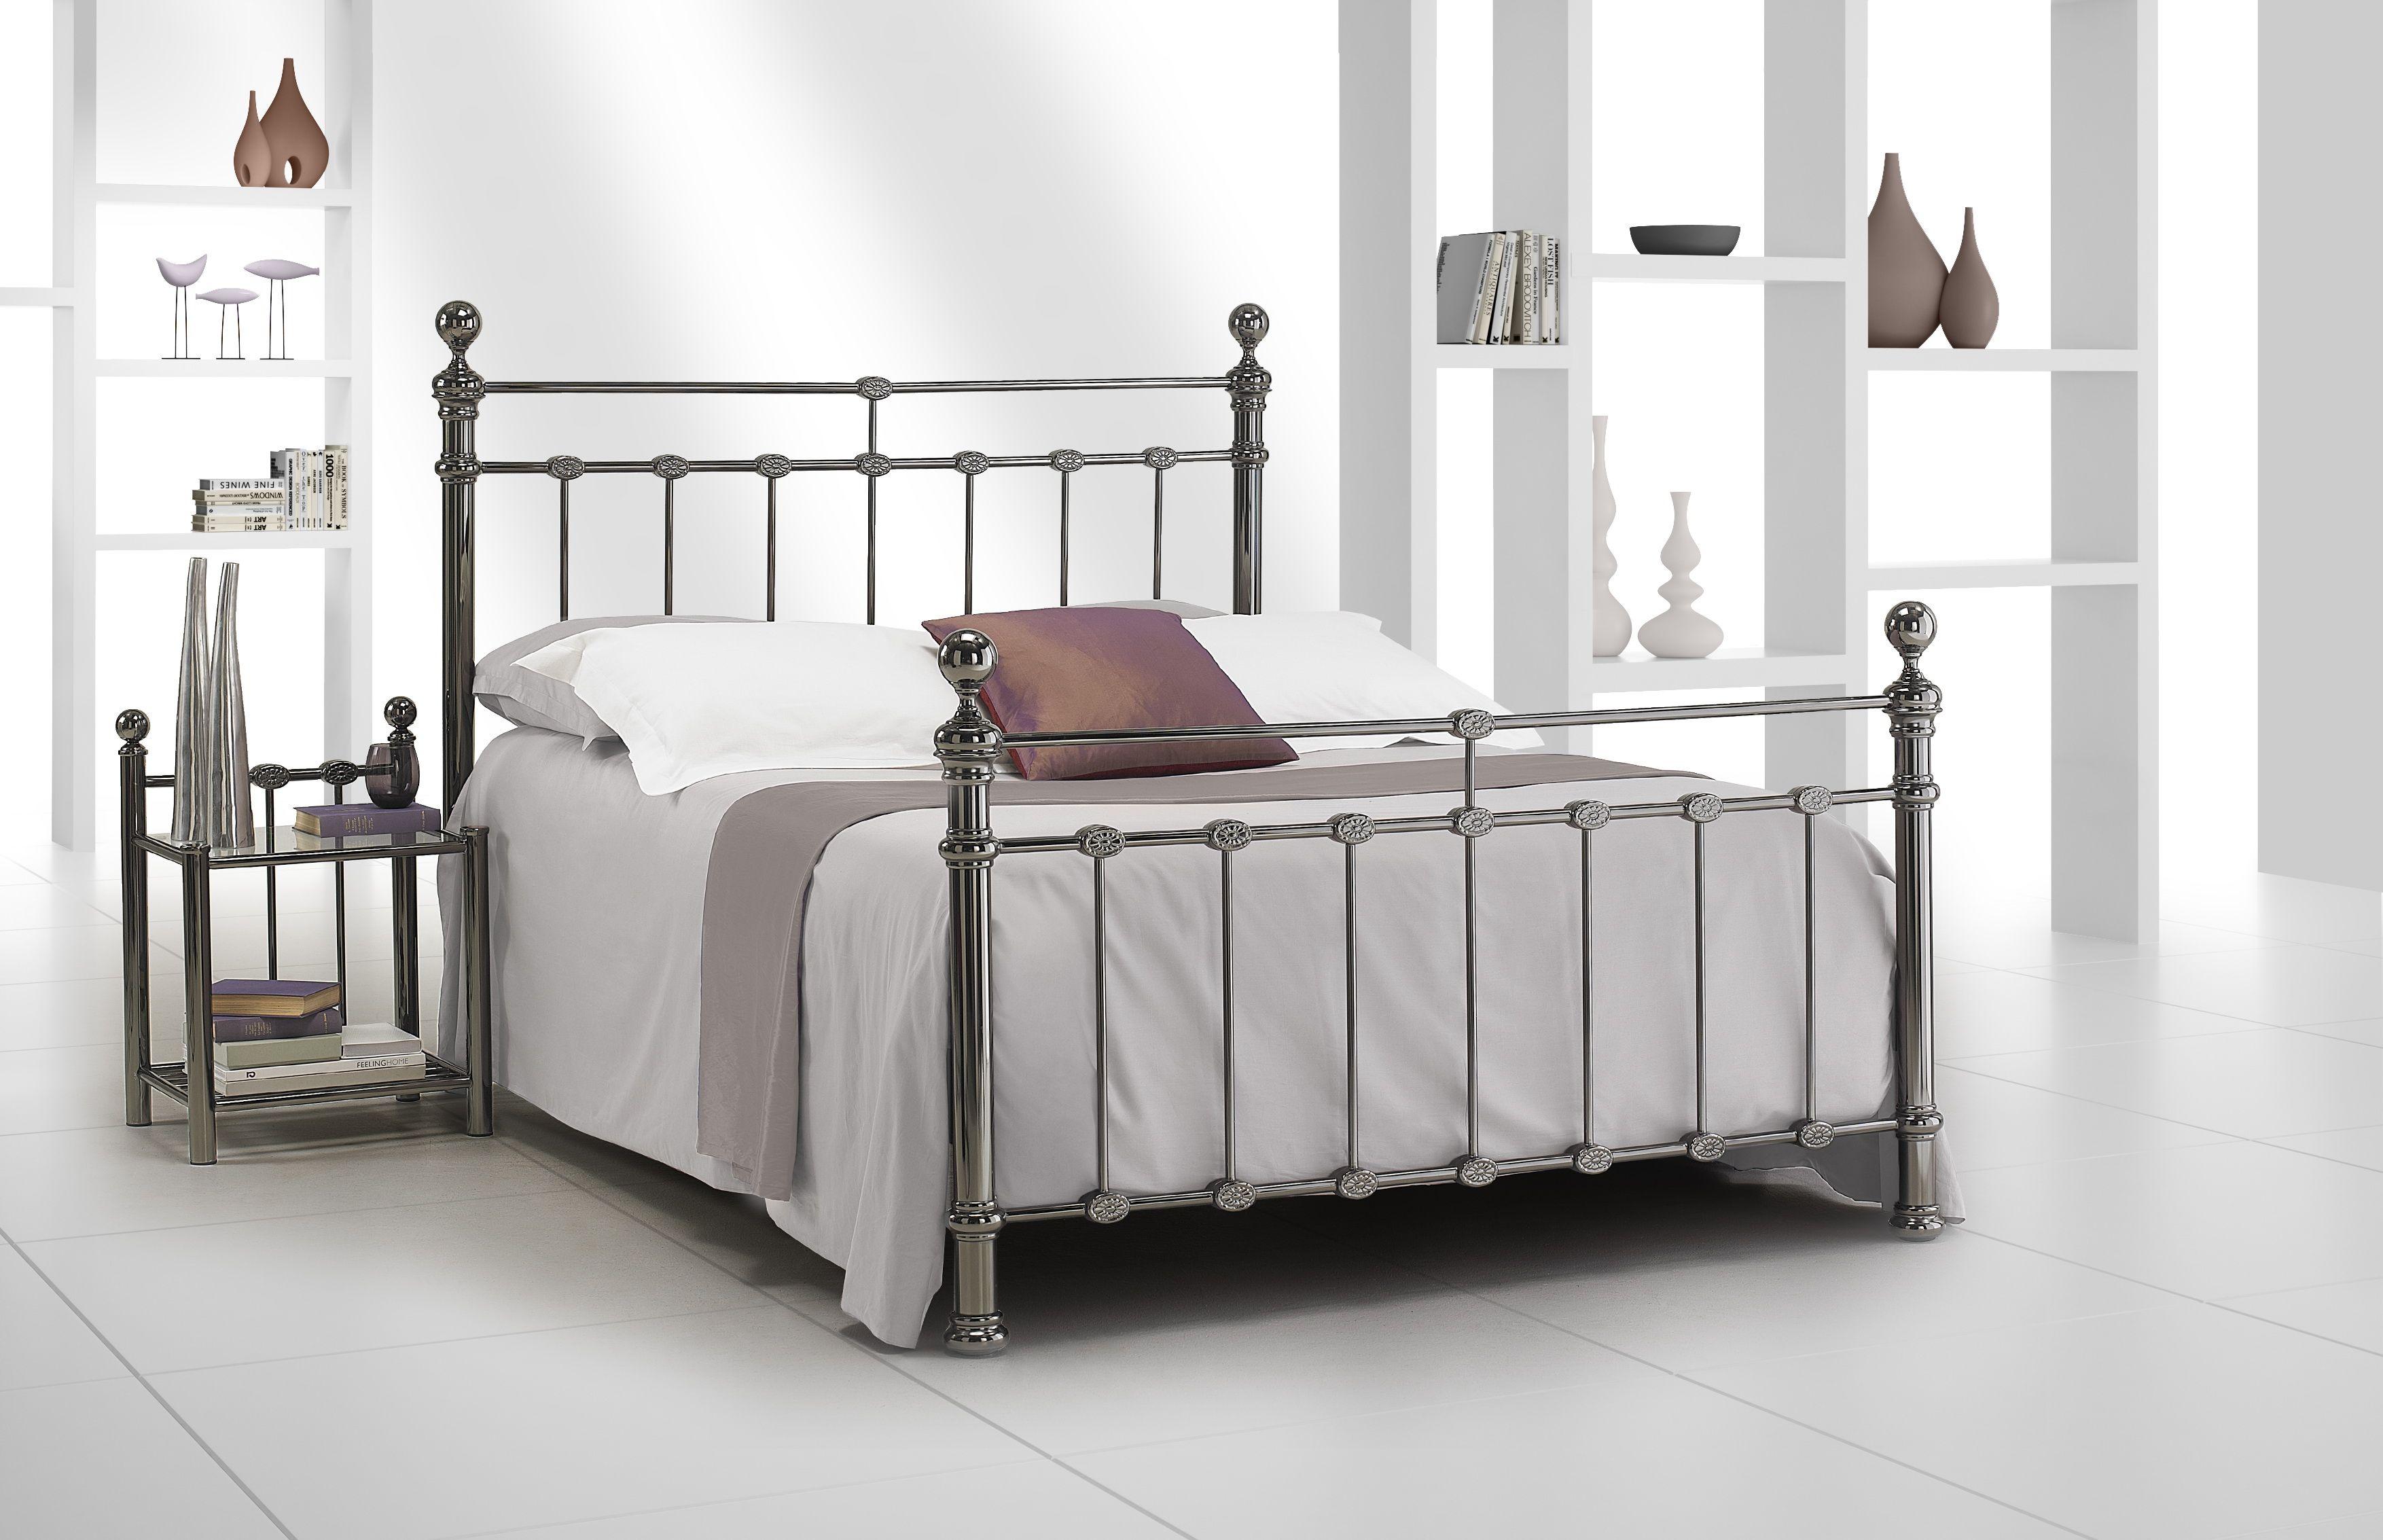 Romantisch bed FLORENCE en Finition Nickel Noir,maat: 140/160/180 Resistub Frankrijk